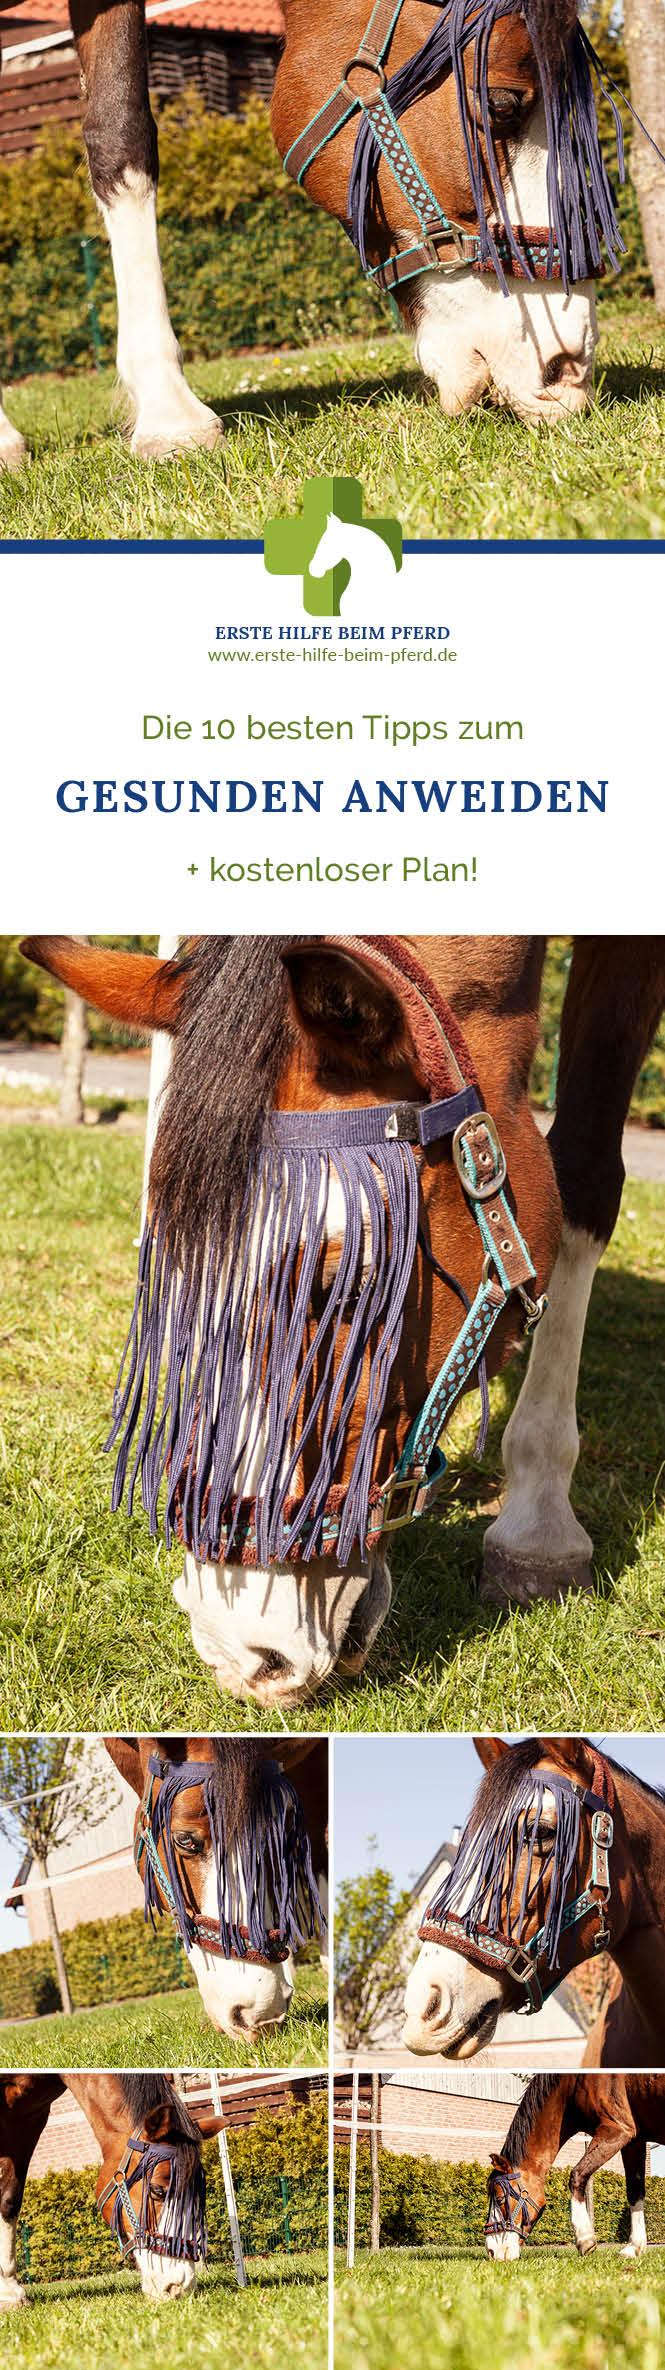 Tipps zum Anweiden von Pferden.